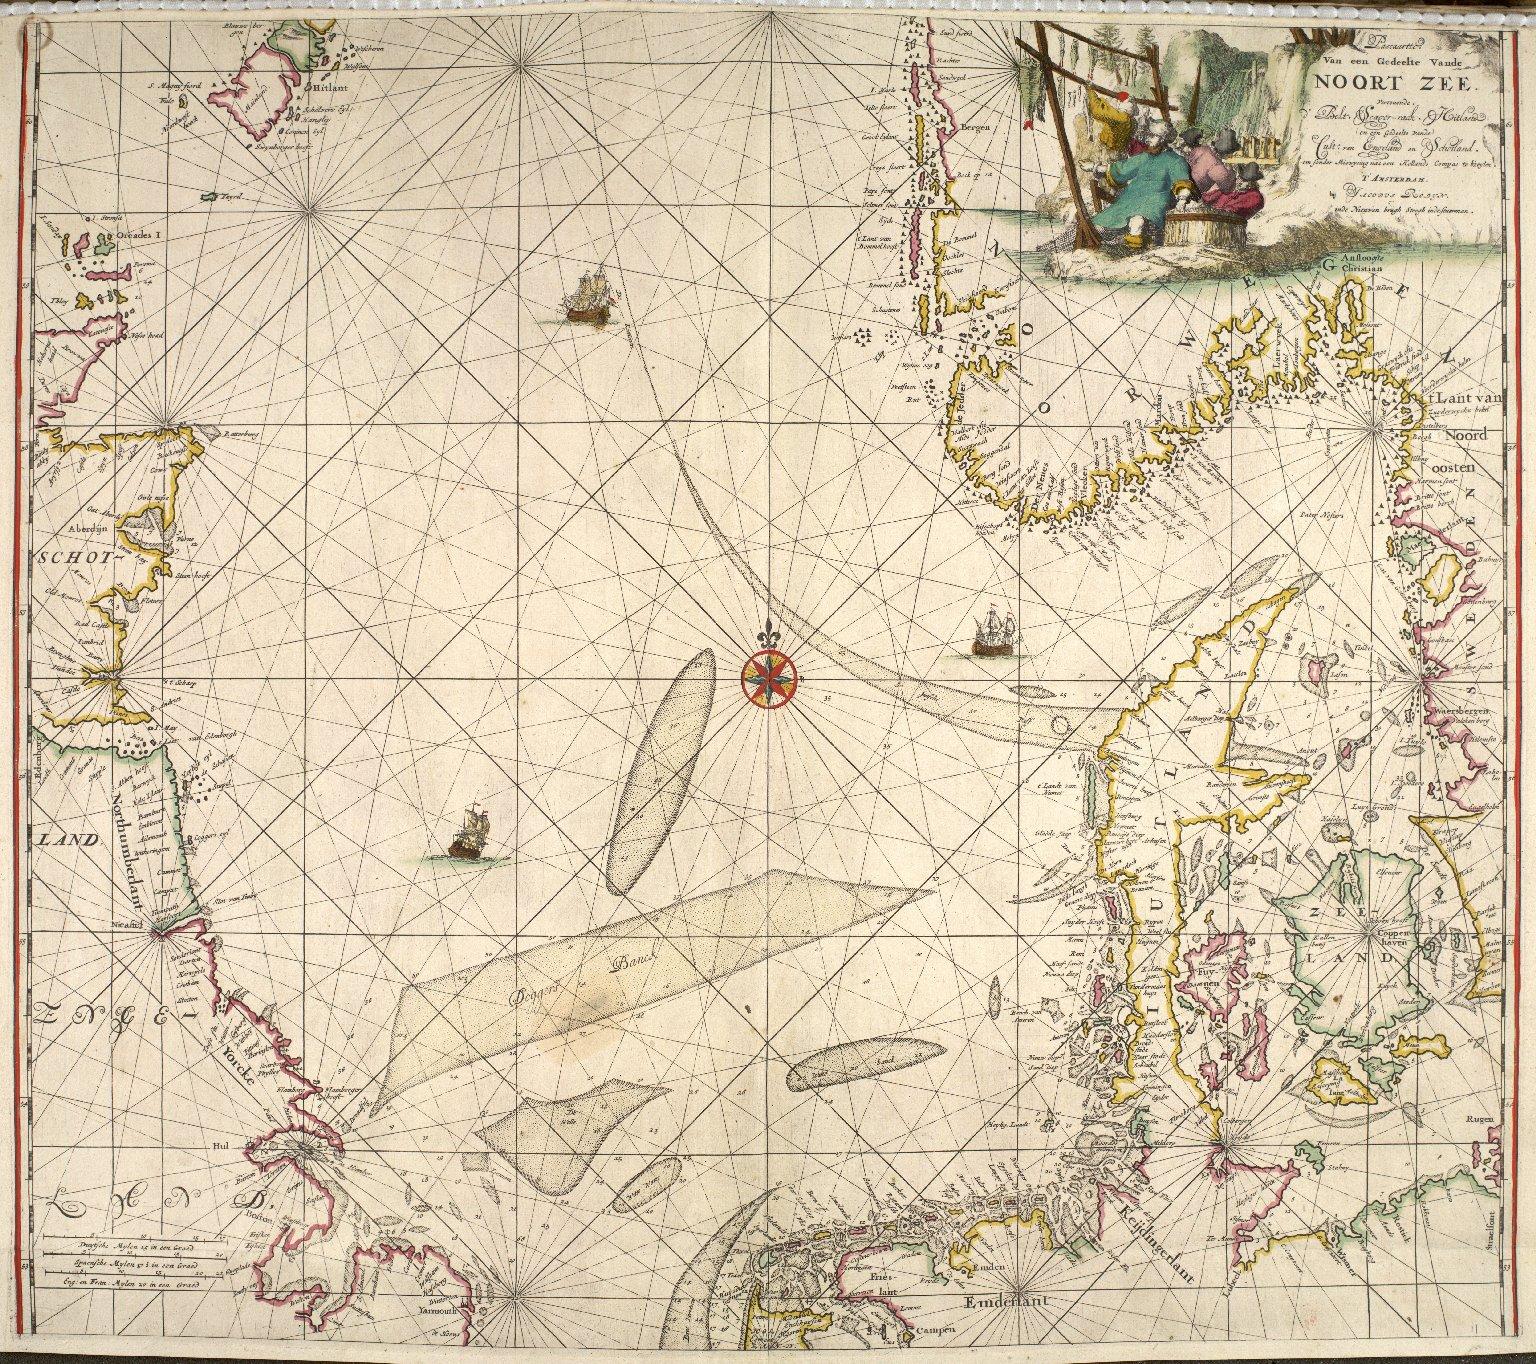 Paascaartti, Van een Gedeelte Vande Noorte Zee : Vertonende d' Belt, Scagcr-raak, Hitland, en een Gedeelte Vande Cust, van Engeland en Schotland [1 of 1]